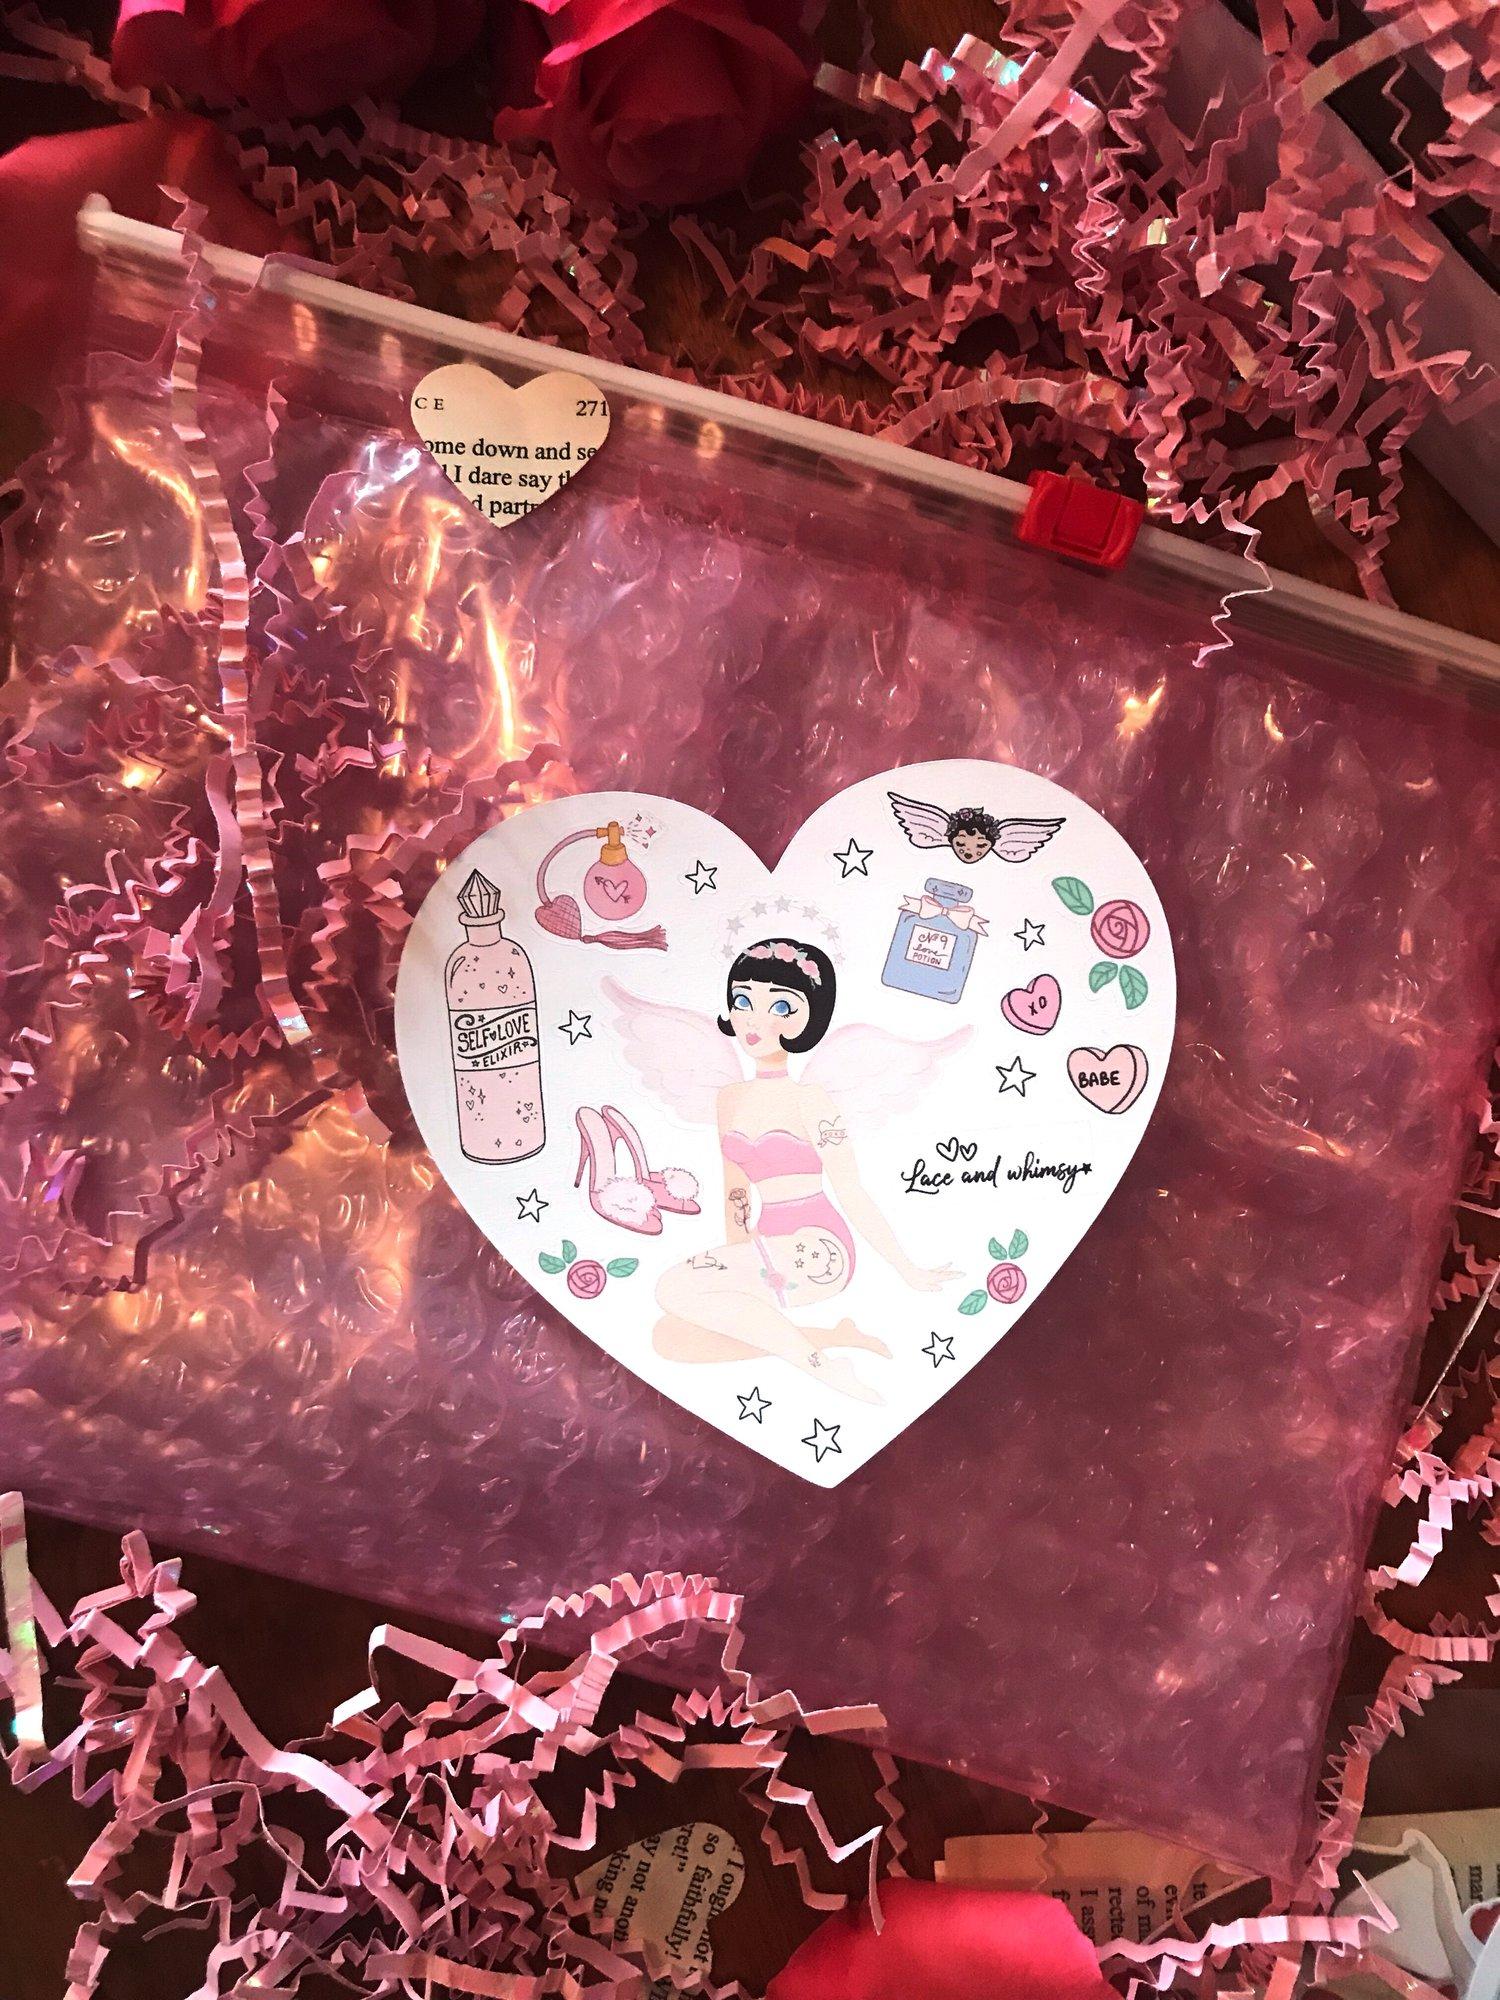 Follies of Love 03 Sticker Sheet